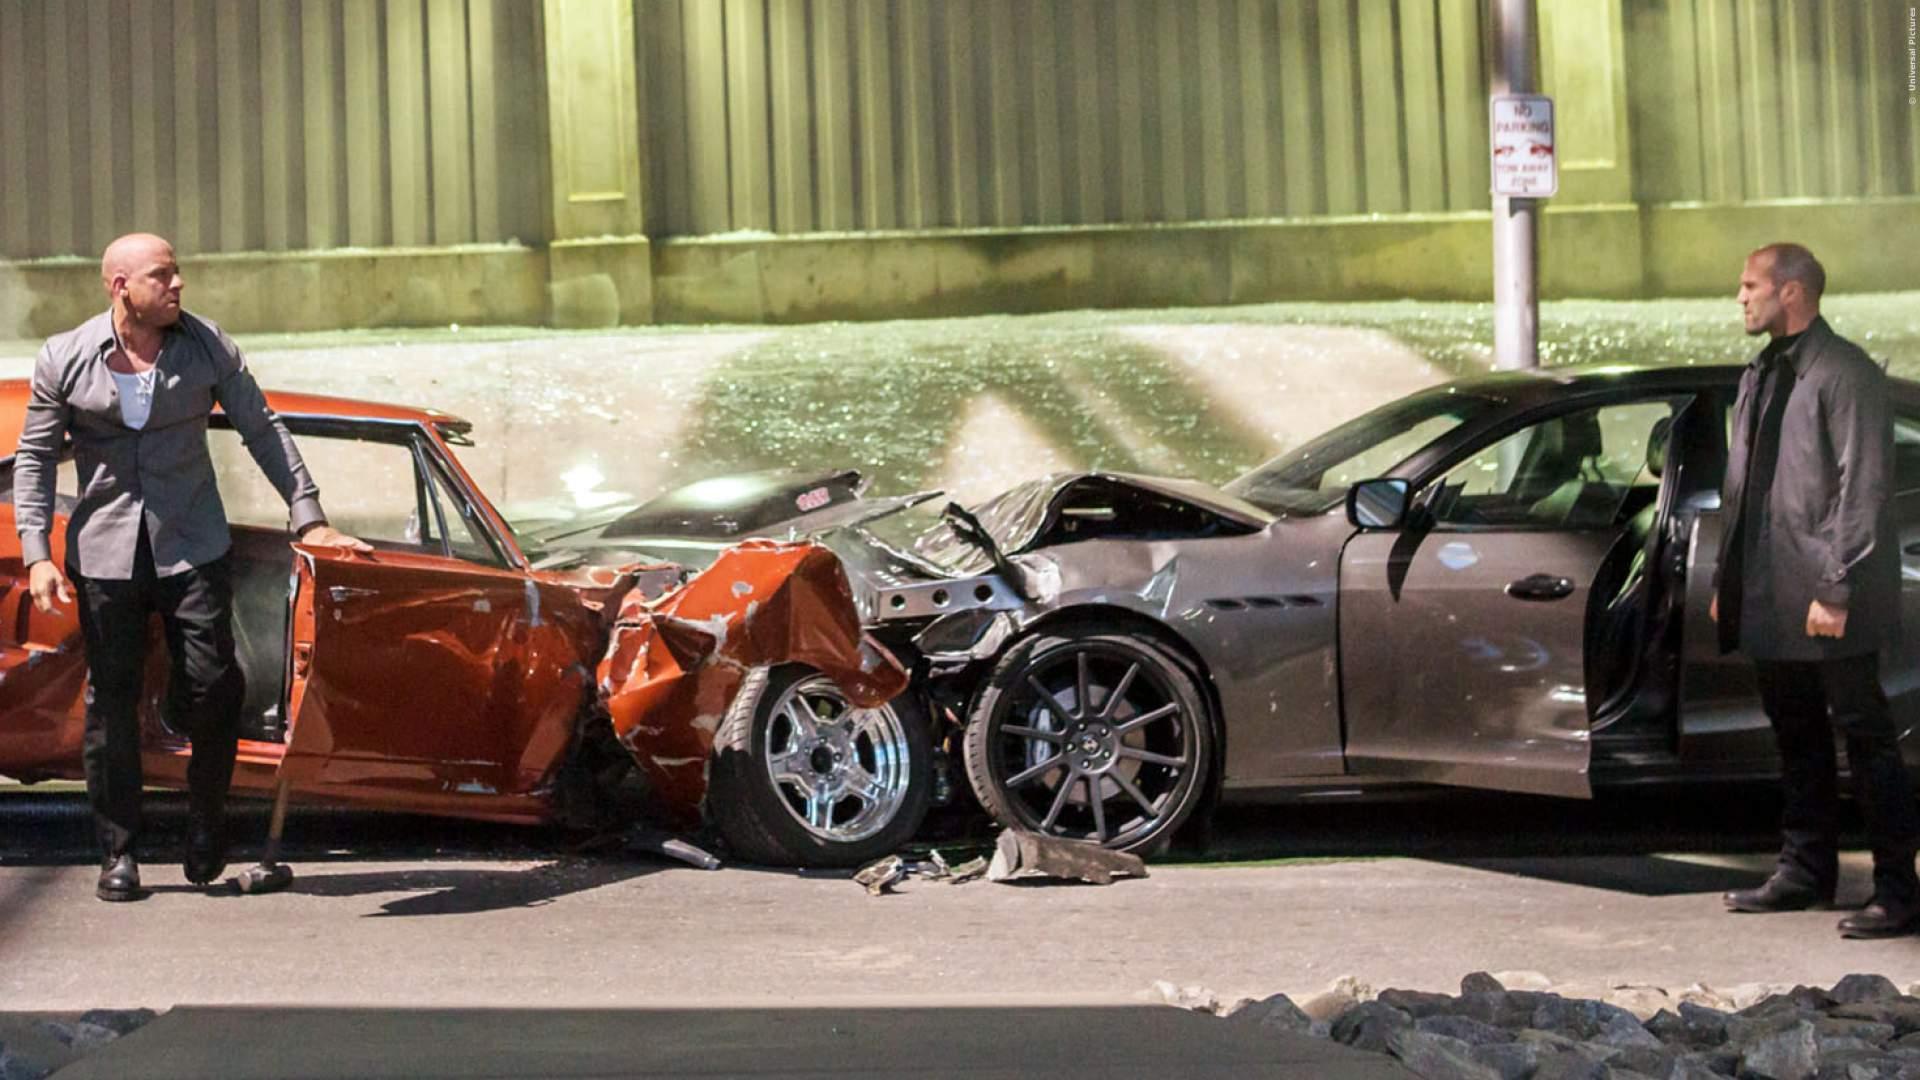 Vin Diesel in Fast and Furious - Bild 10 von 12